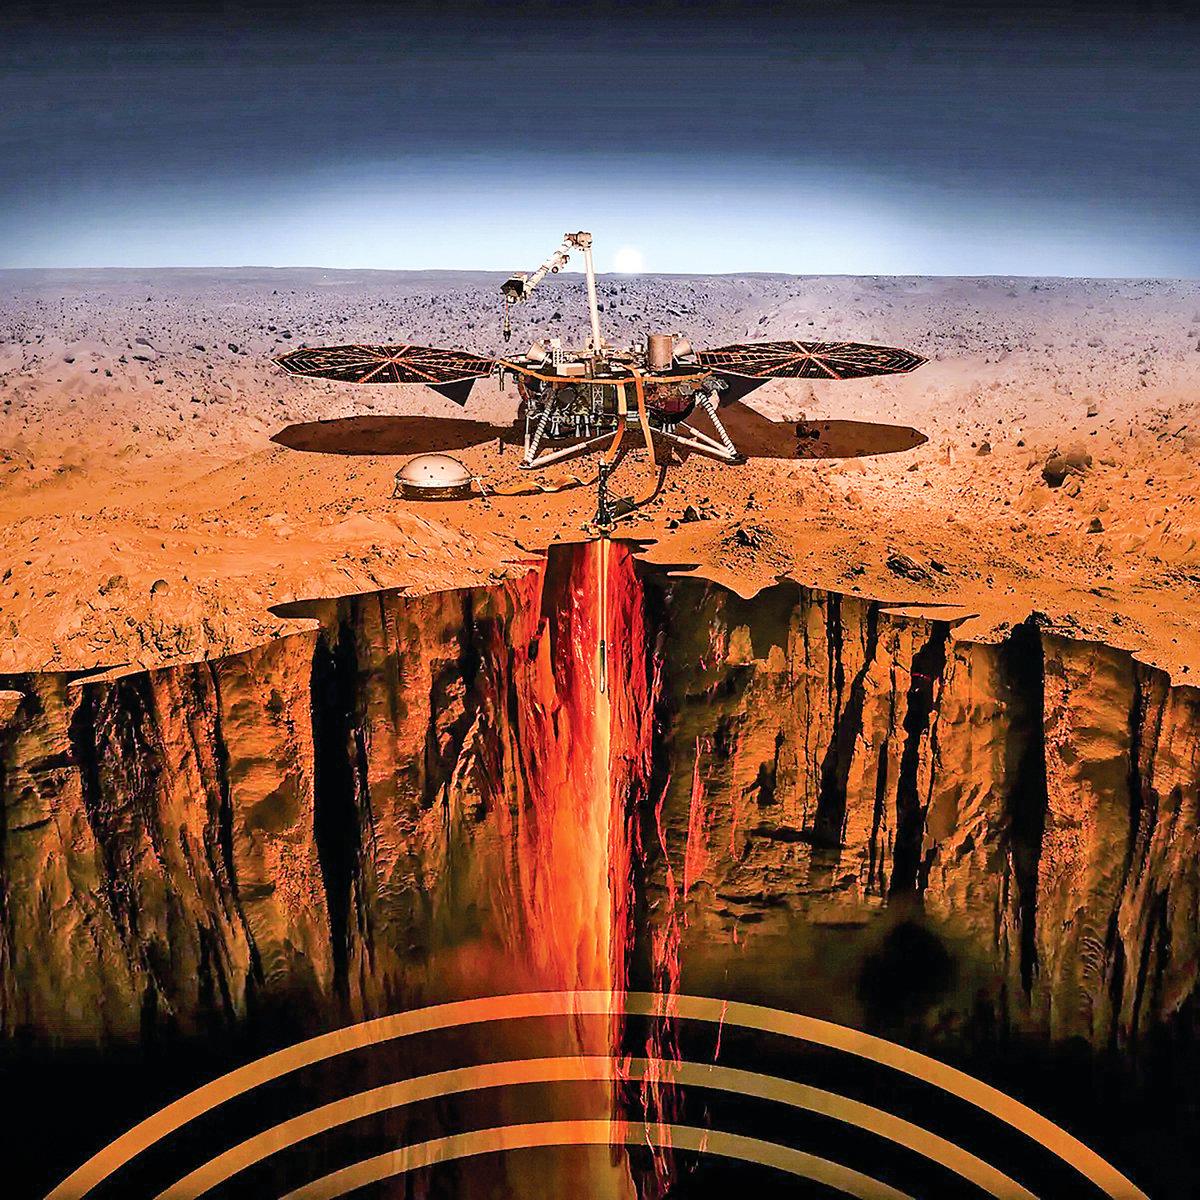 洞察號在火星表面探測地震示意圖。(NASA)